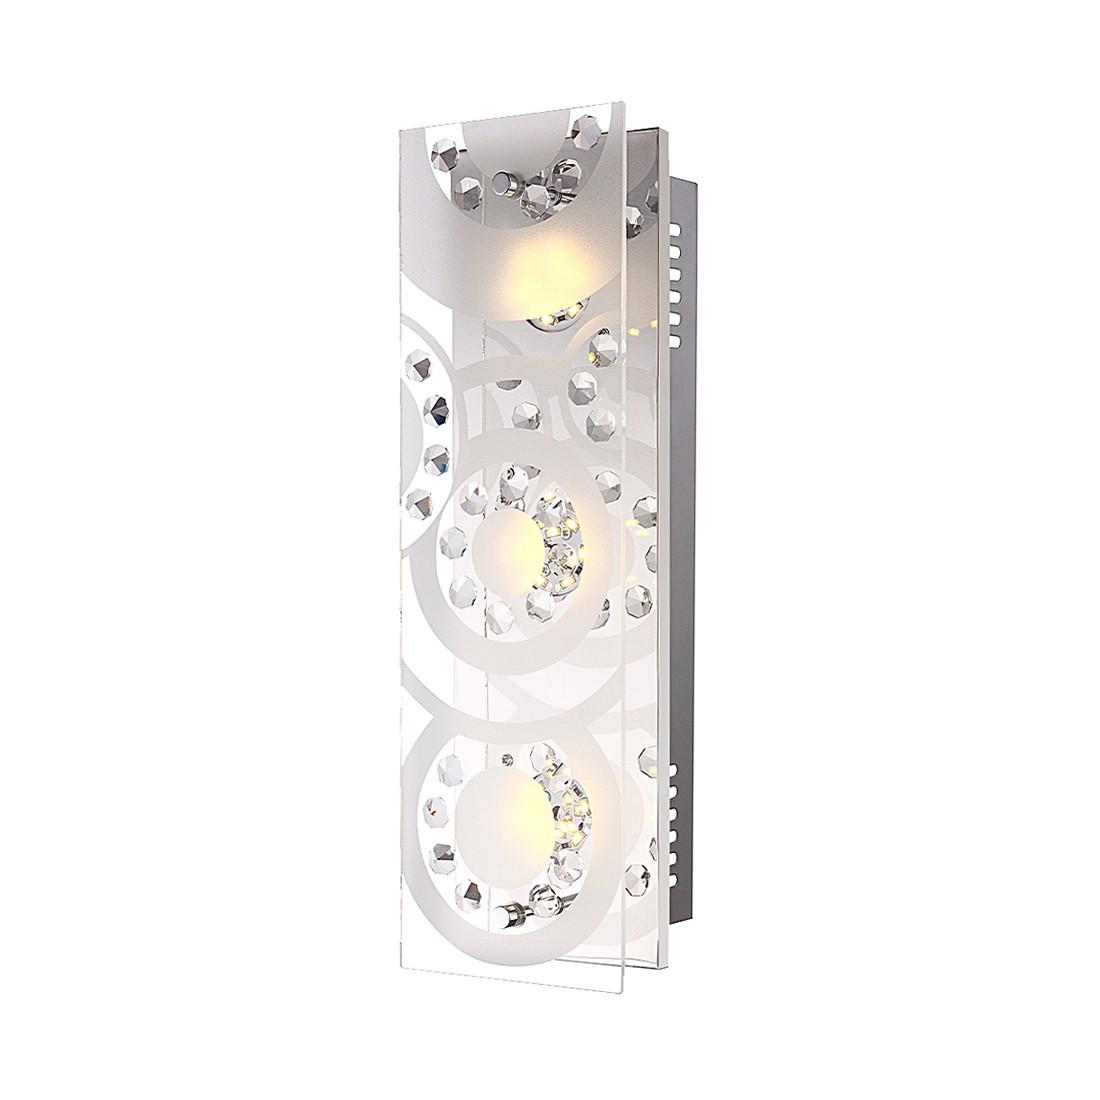 Deckenleuchte TISOY – Metall/Glas – 3-flammig, Globo Lighting günstig online kaufen